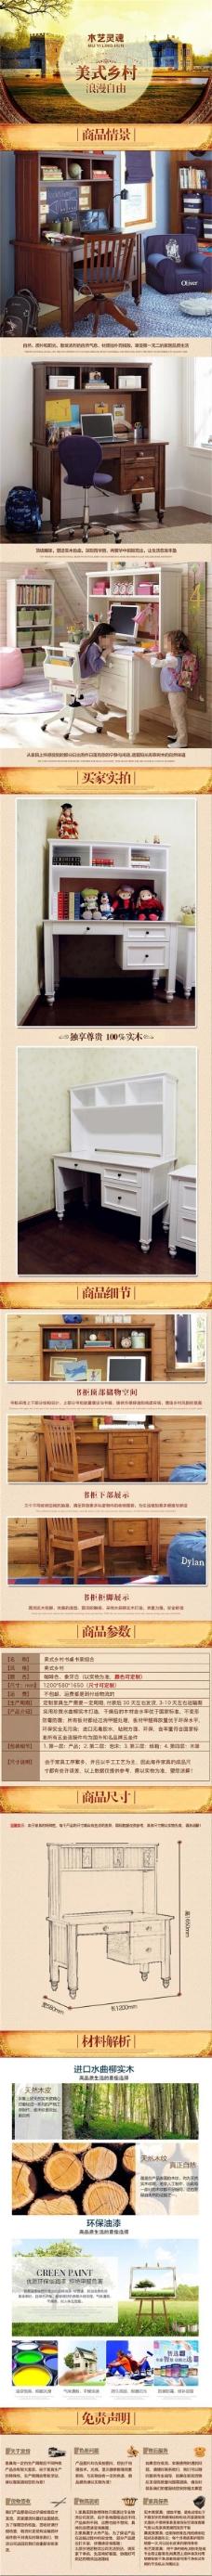 美式家具书桌书架组合详情描述